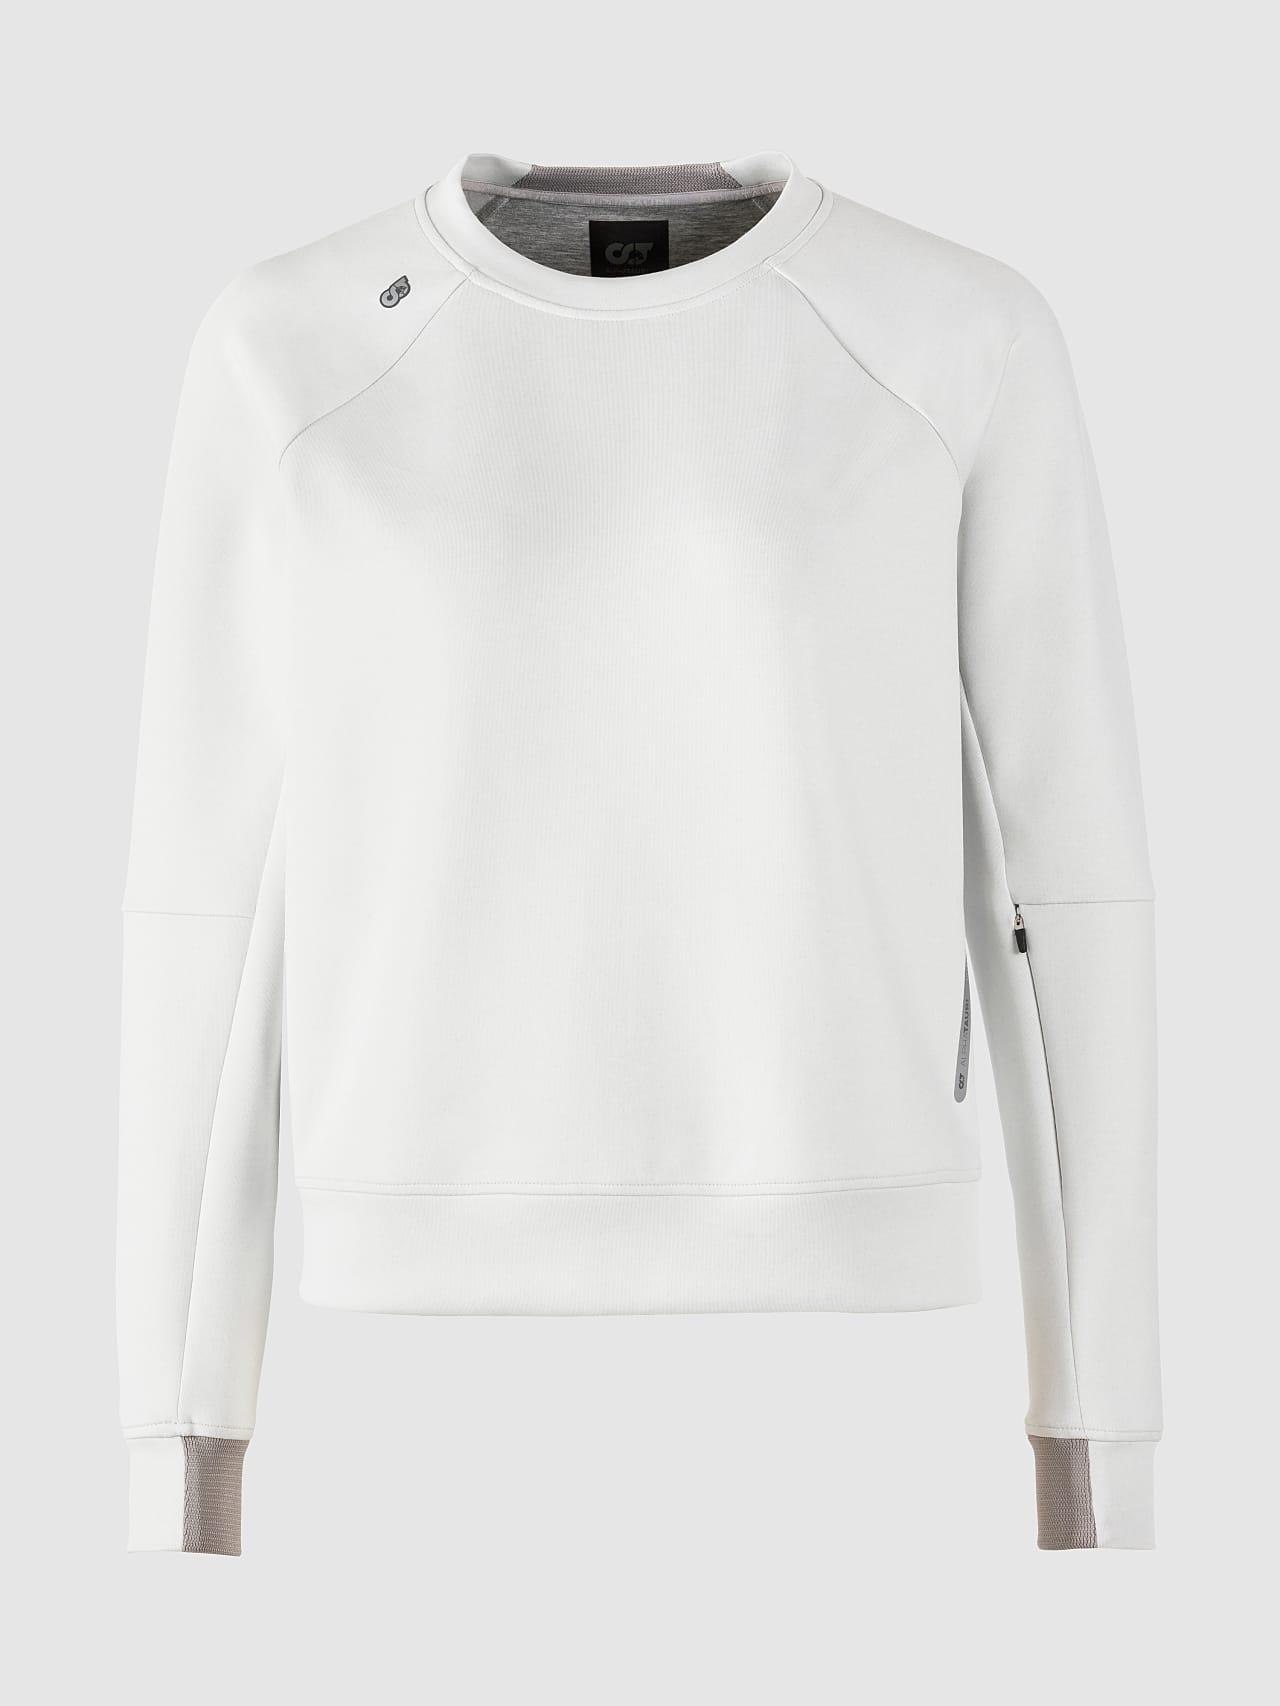 SINOV V1.Y5.01 Crewneck Sweater offwhite Back Alpha Tauri